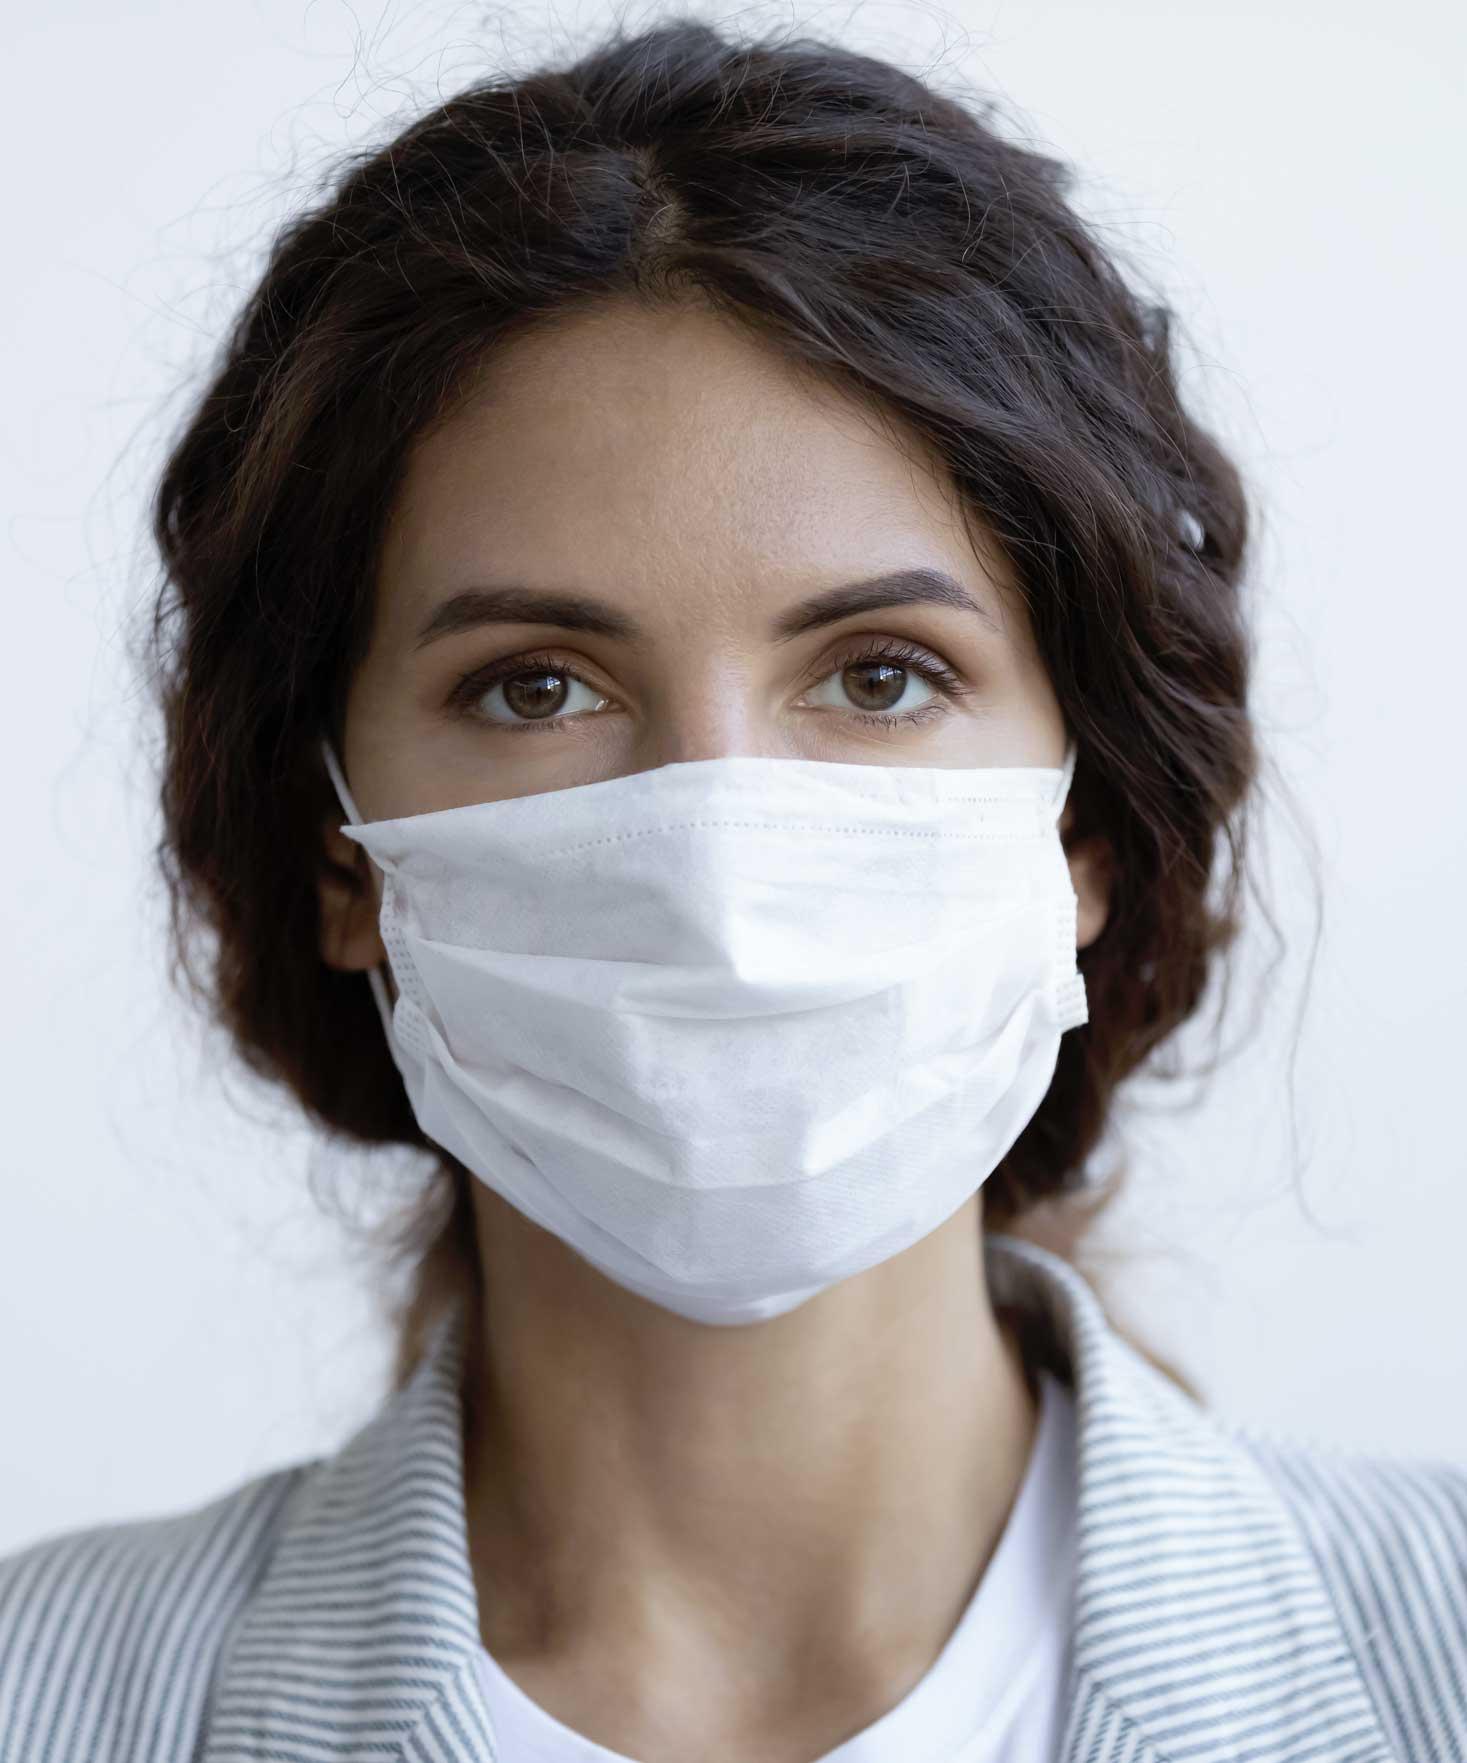 Le gouvernement marocain adopte un nouveau décret pour imposer le port du masque facial